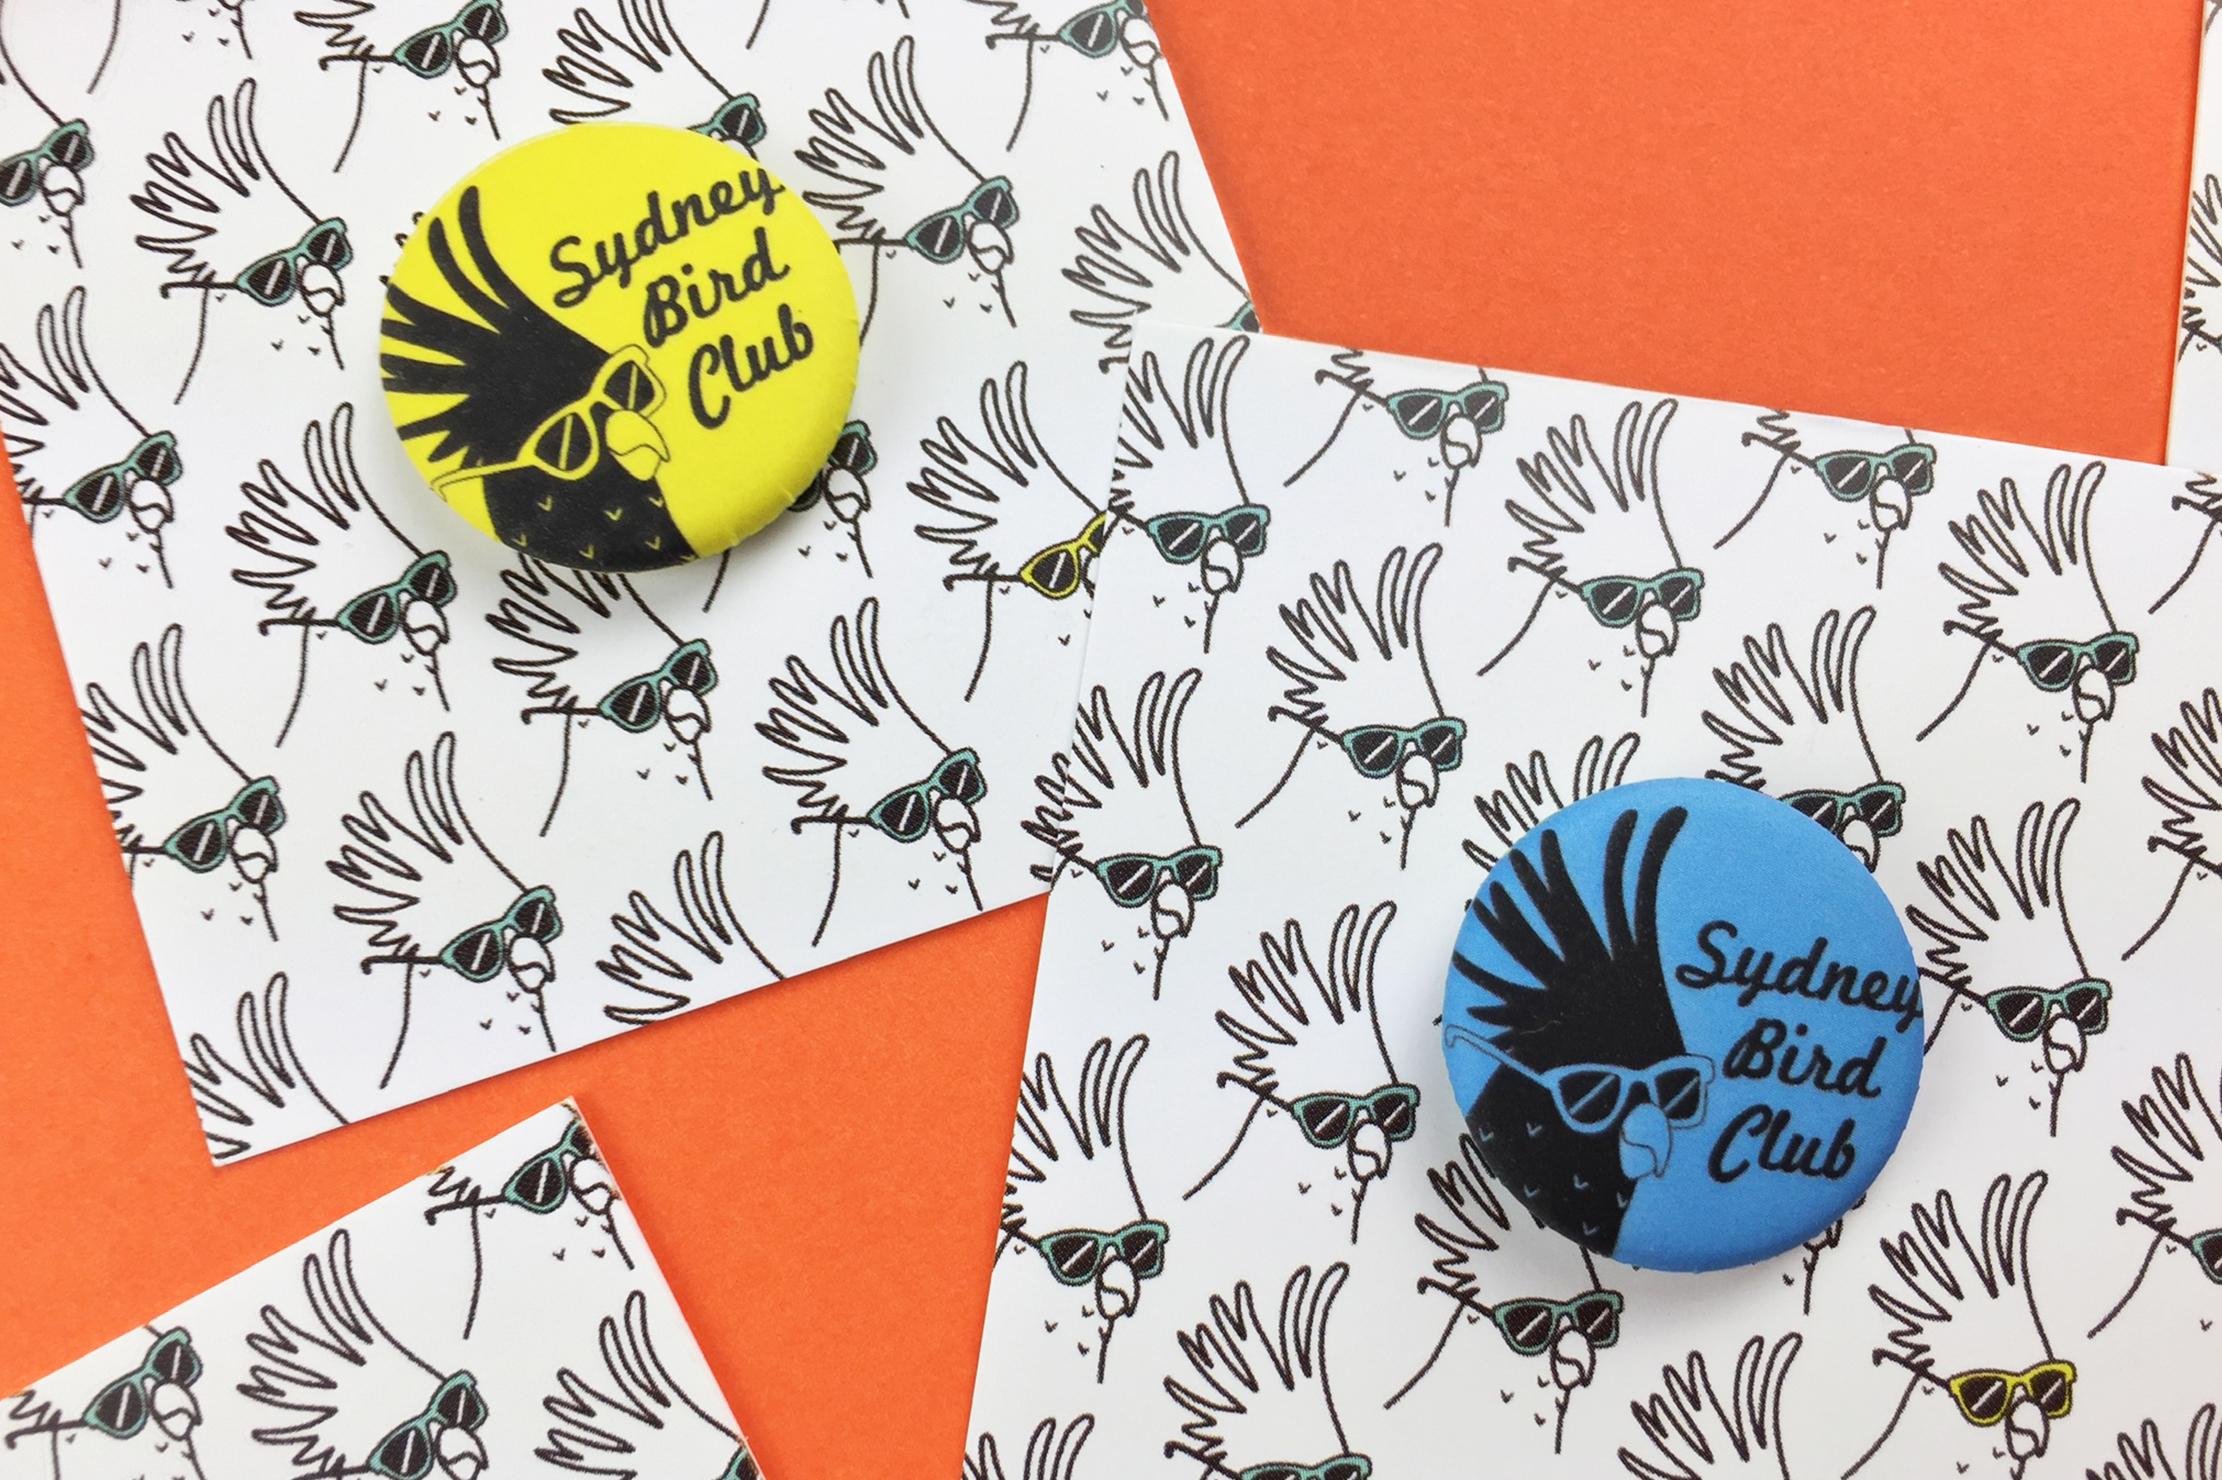 Copyright-sydney-bird-club-club-pins.jpg